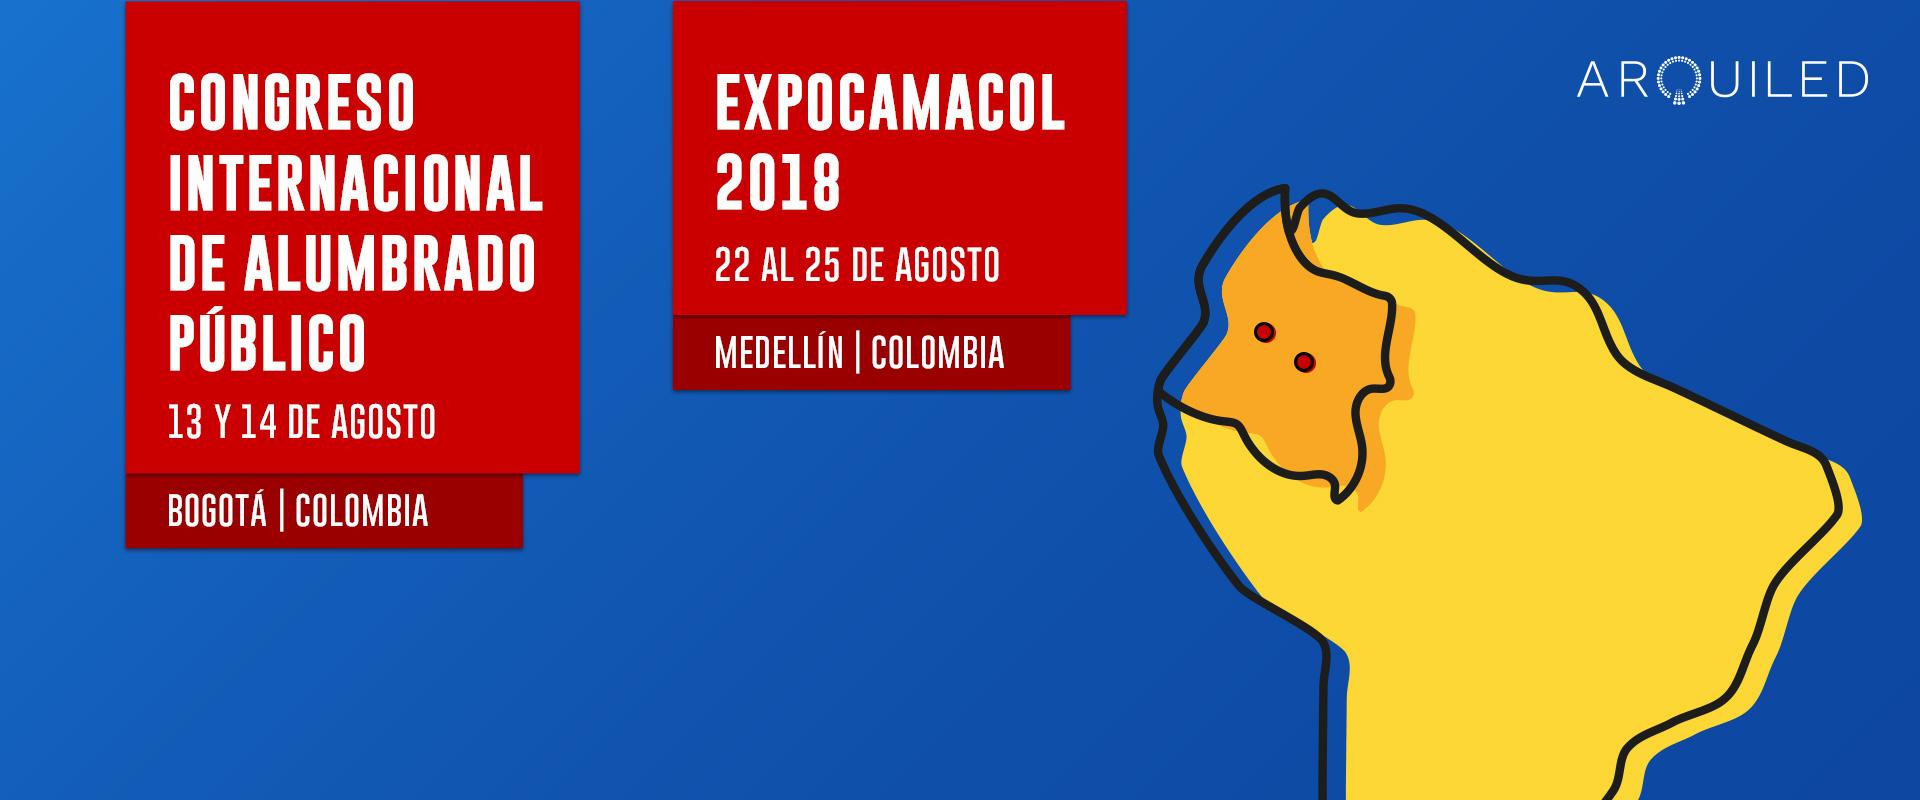 arquiled - internacionalização colômbia eventos (es)